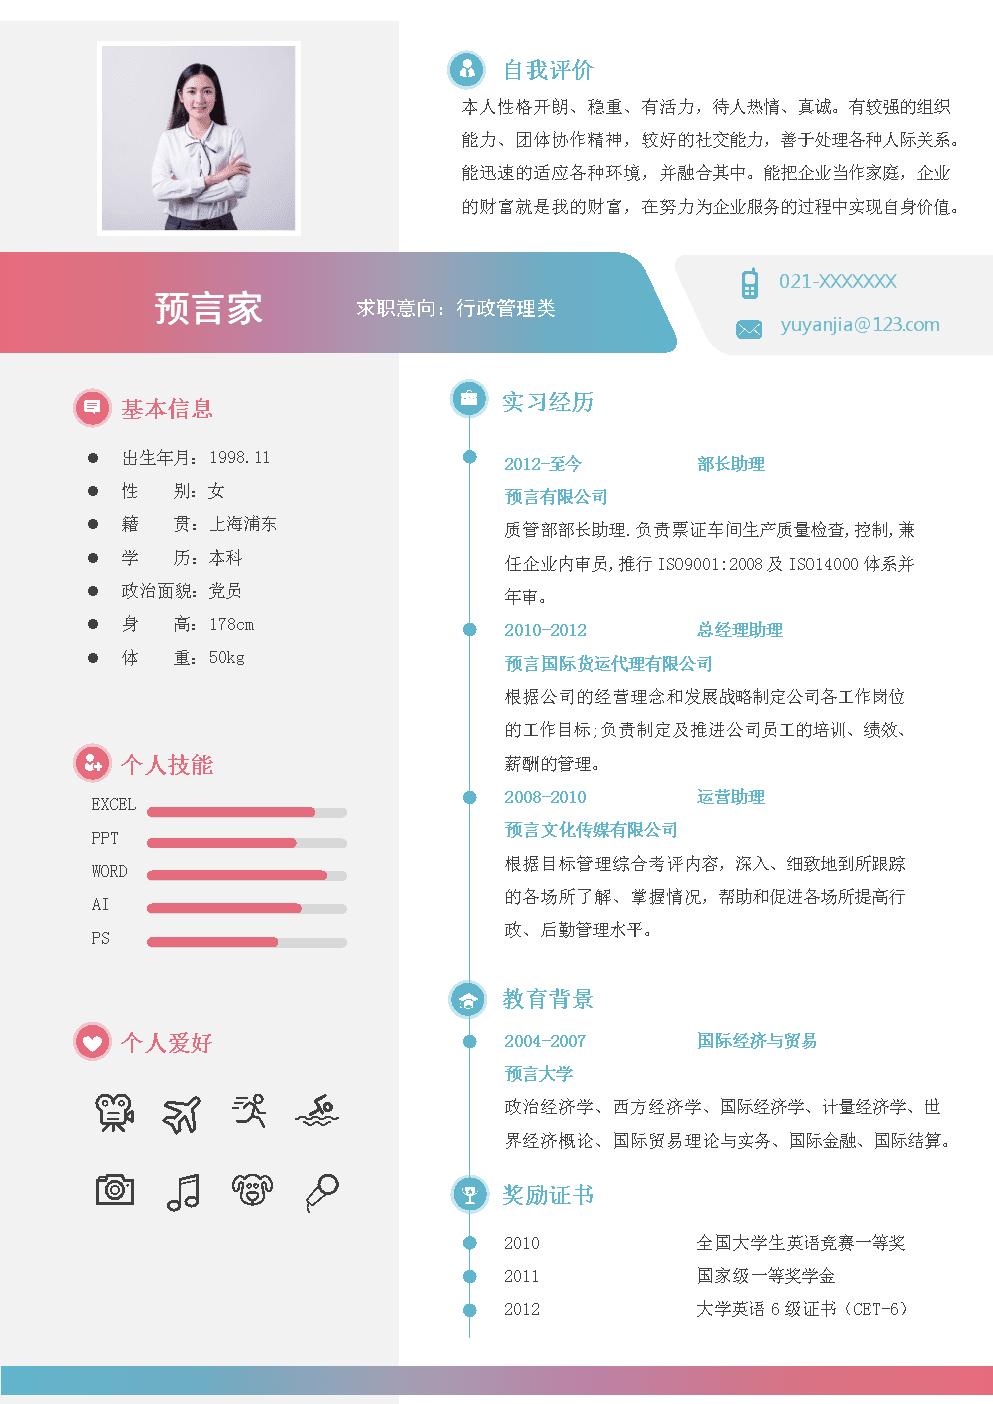 个人简历模板(行政管理样例).docx